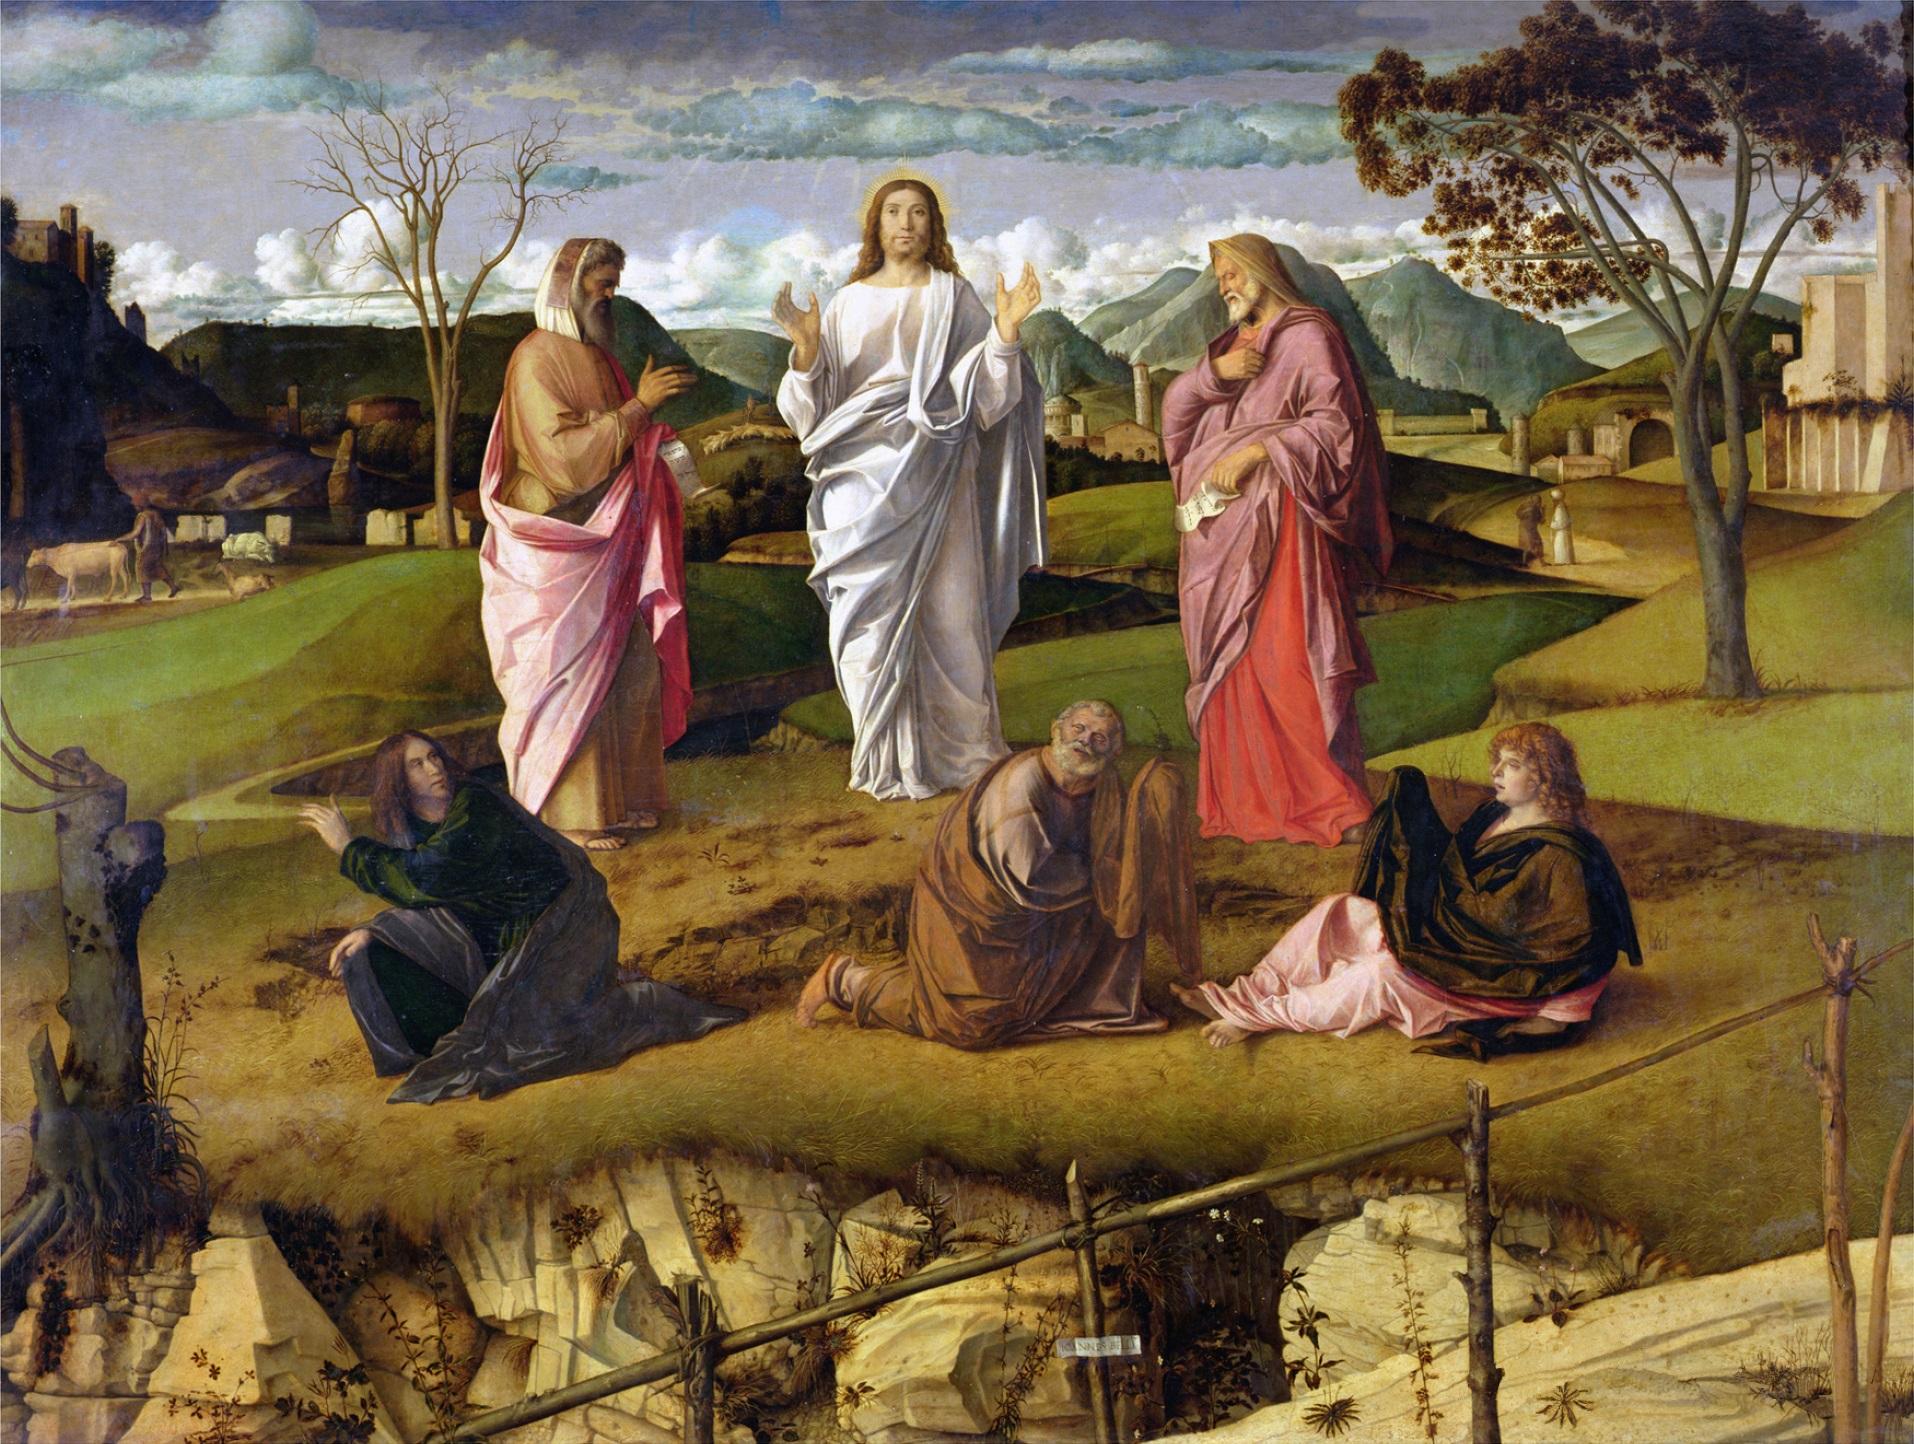 Giovanni Bellini's The Transfiguration